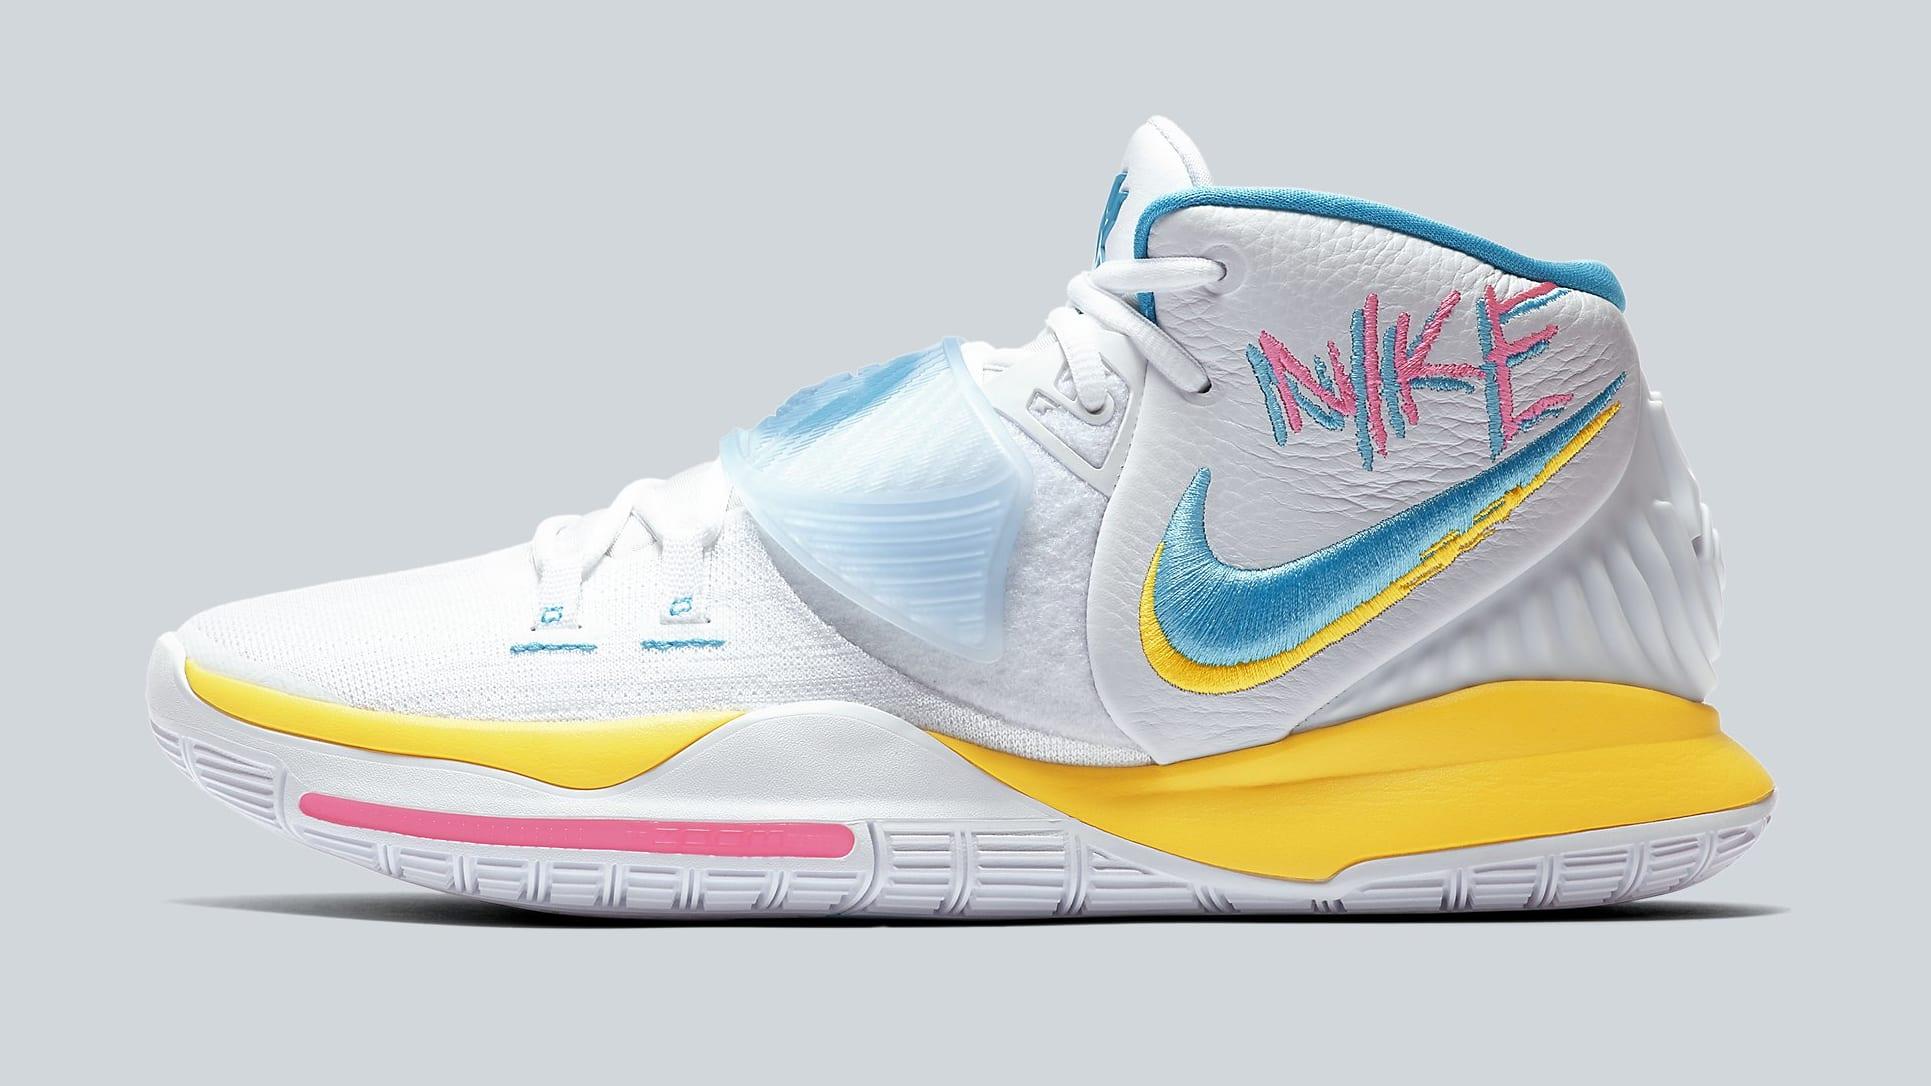 Nike Kyrie 6 'Neon Graffiti' BQ4630-101 Lateral